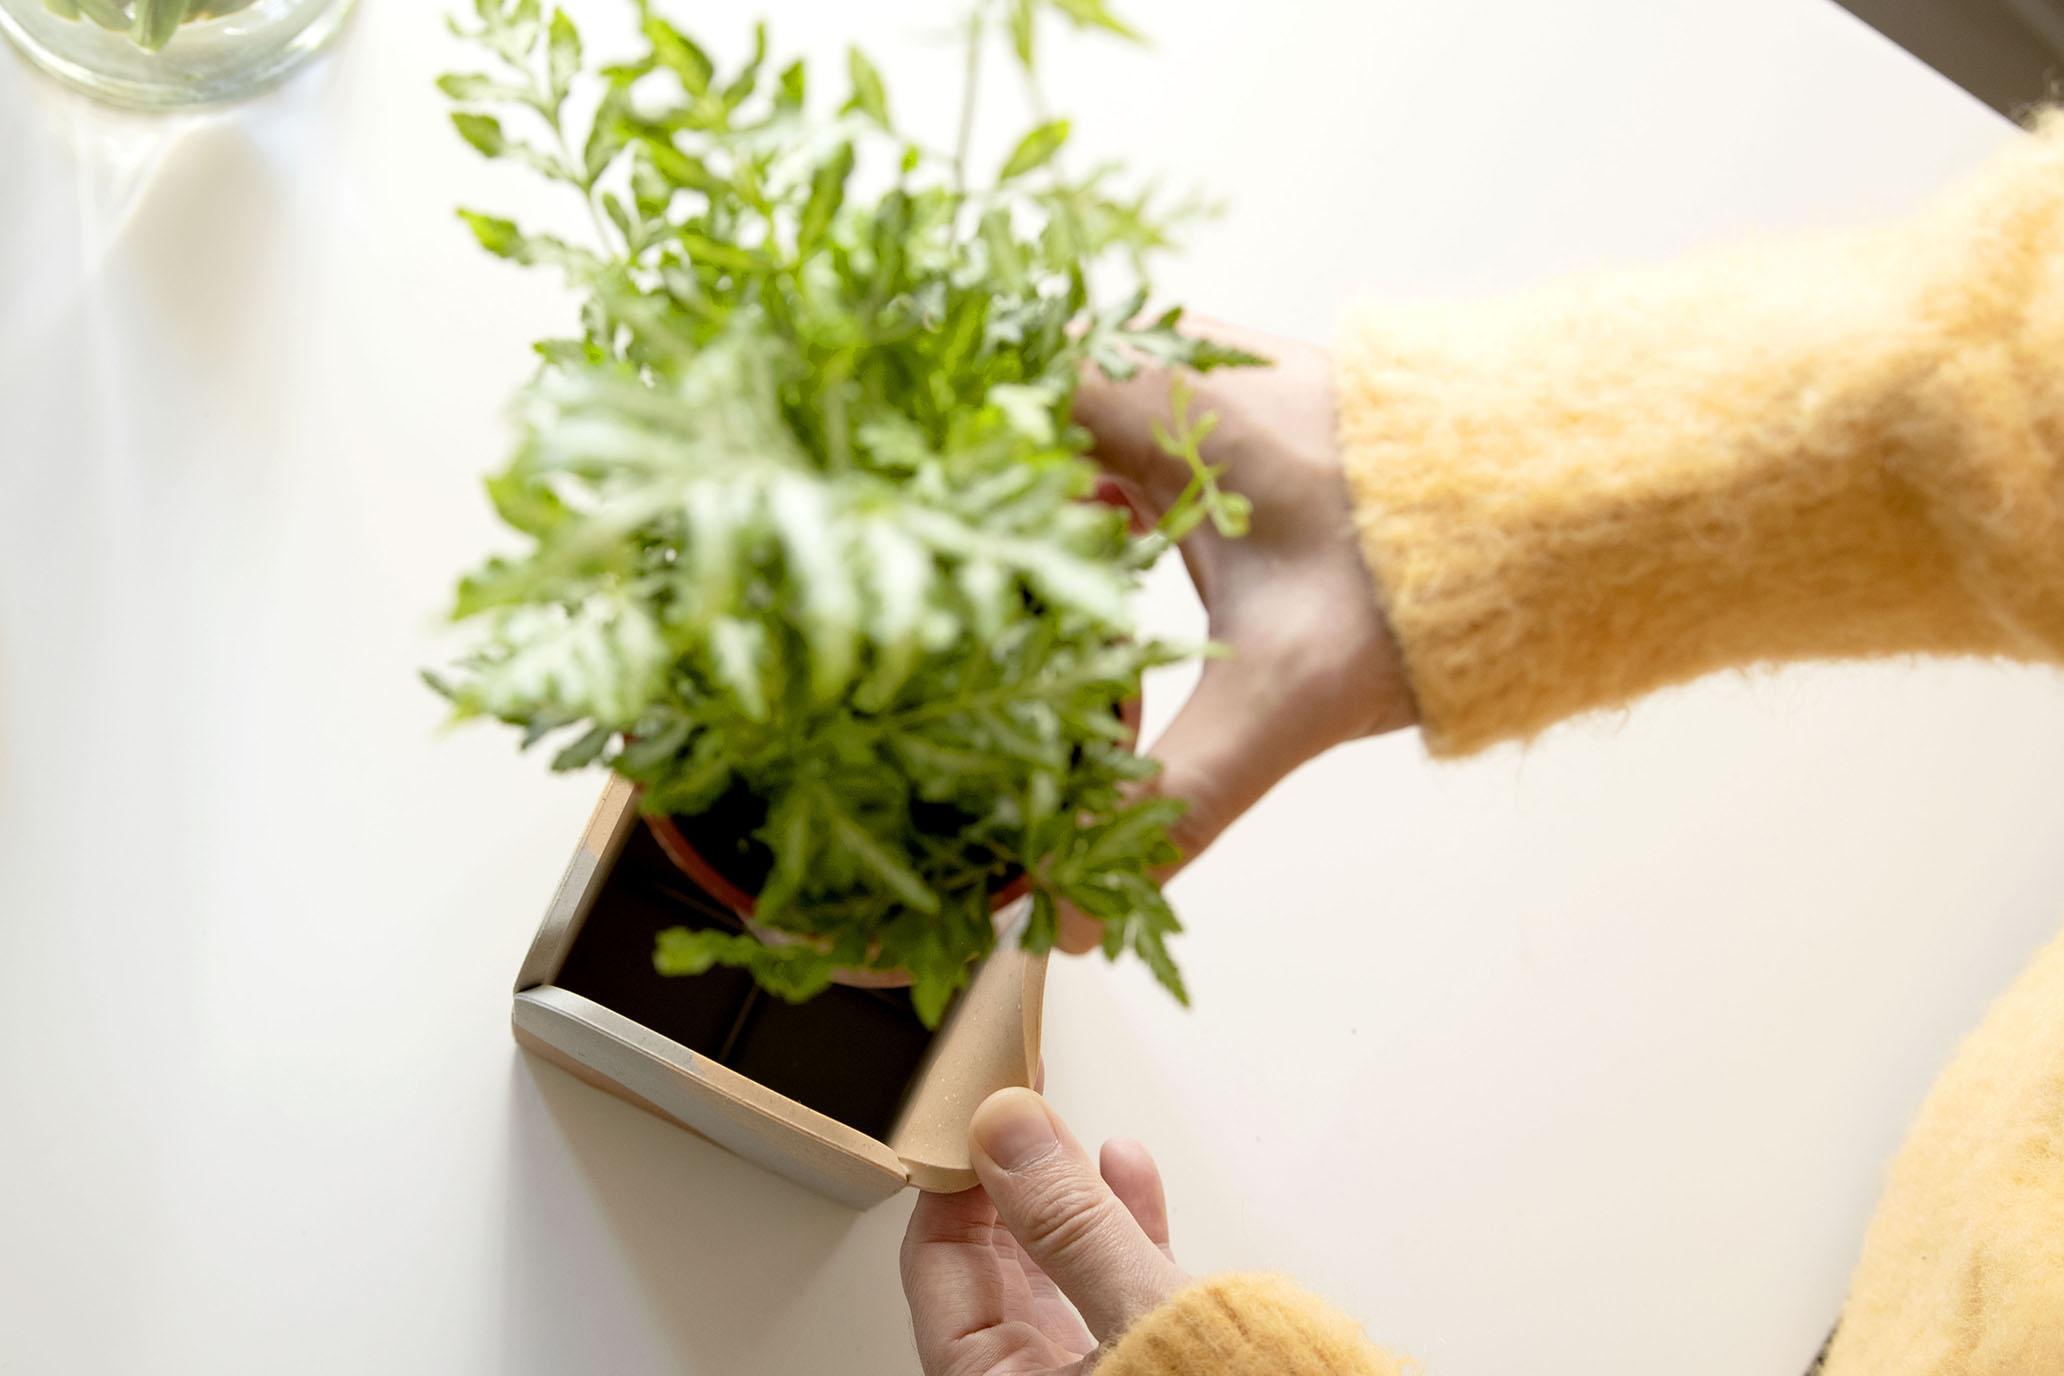 原來只要一點點改變,生活可以擁有許多面貌|軟水泥城市花園 CELEMENT LAB